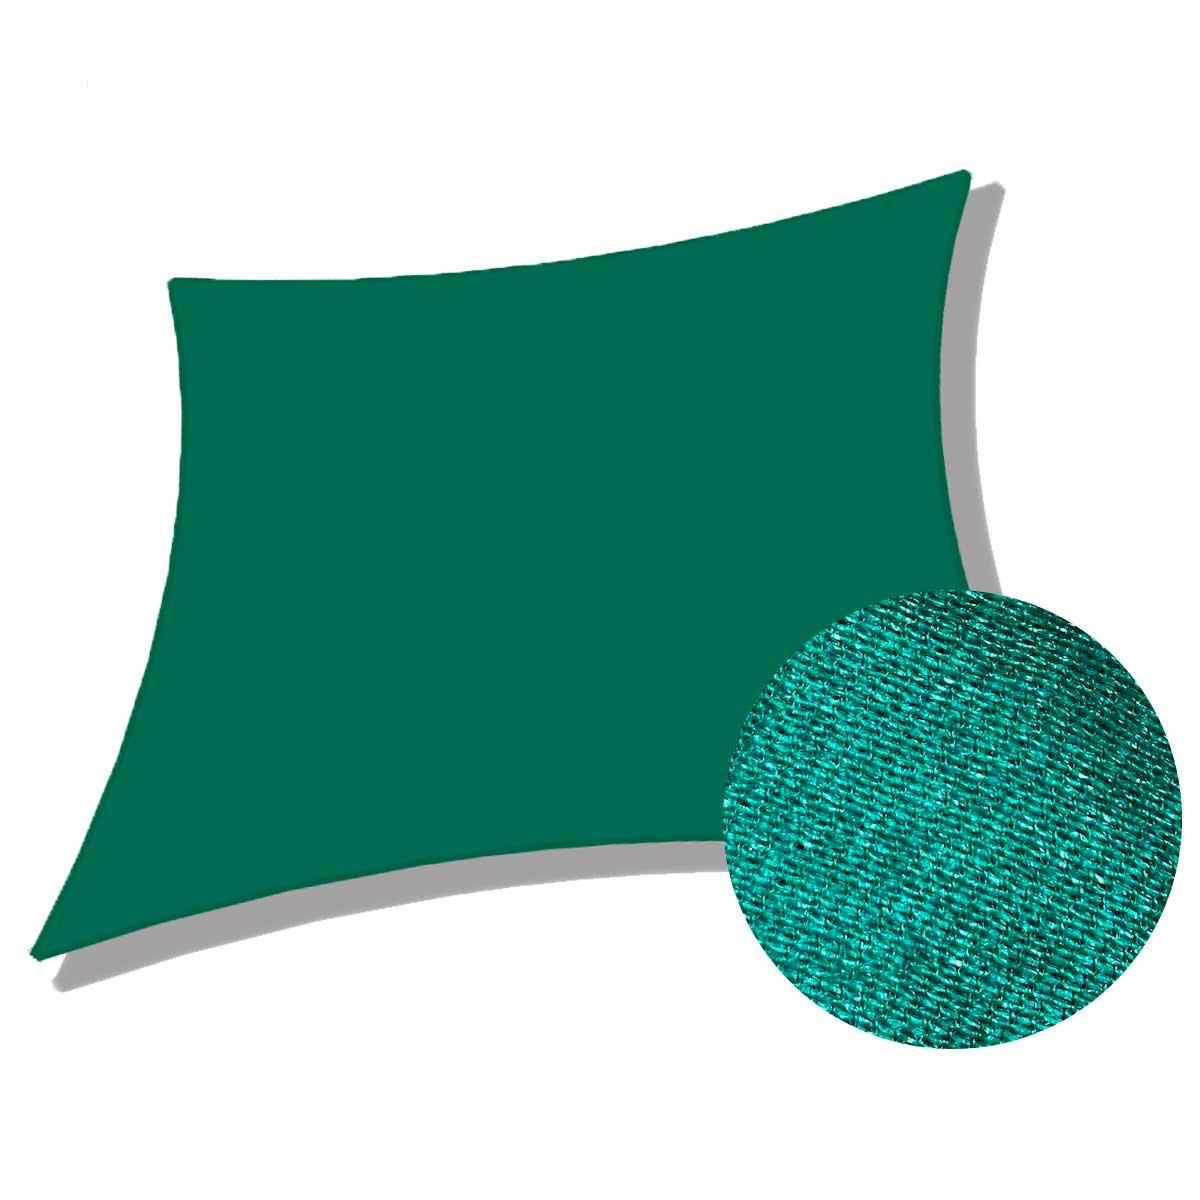 Tela Toldo Decorativa Shade Verde Sem Acabamento 5x50m